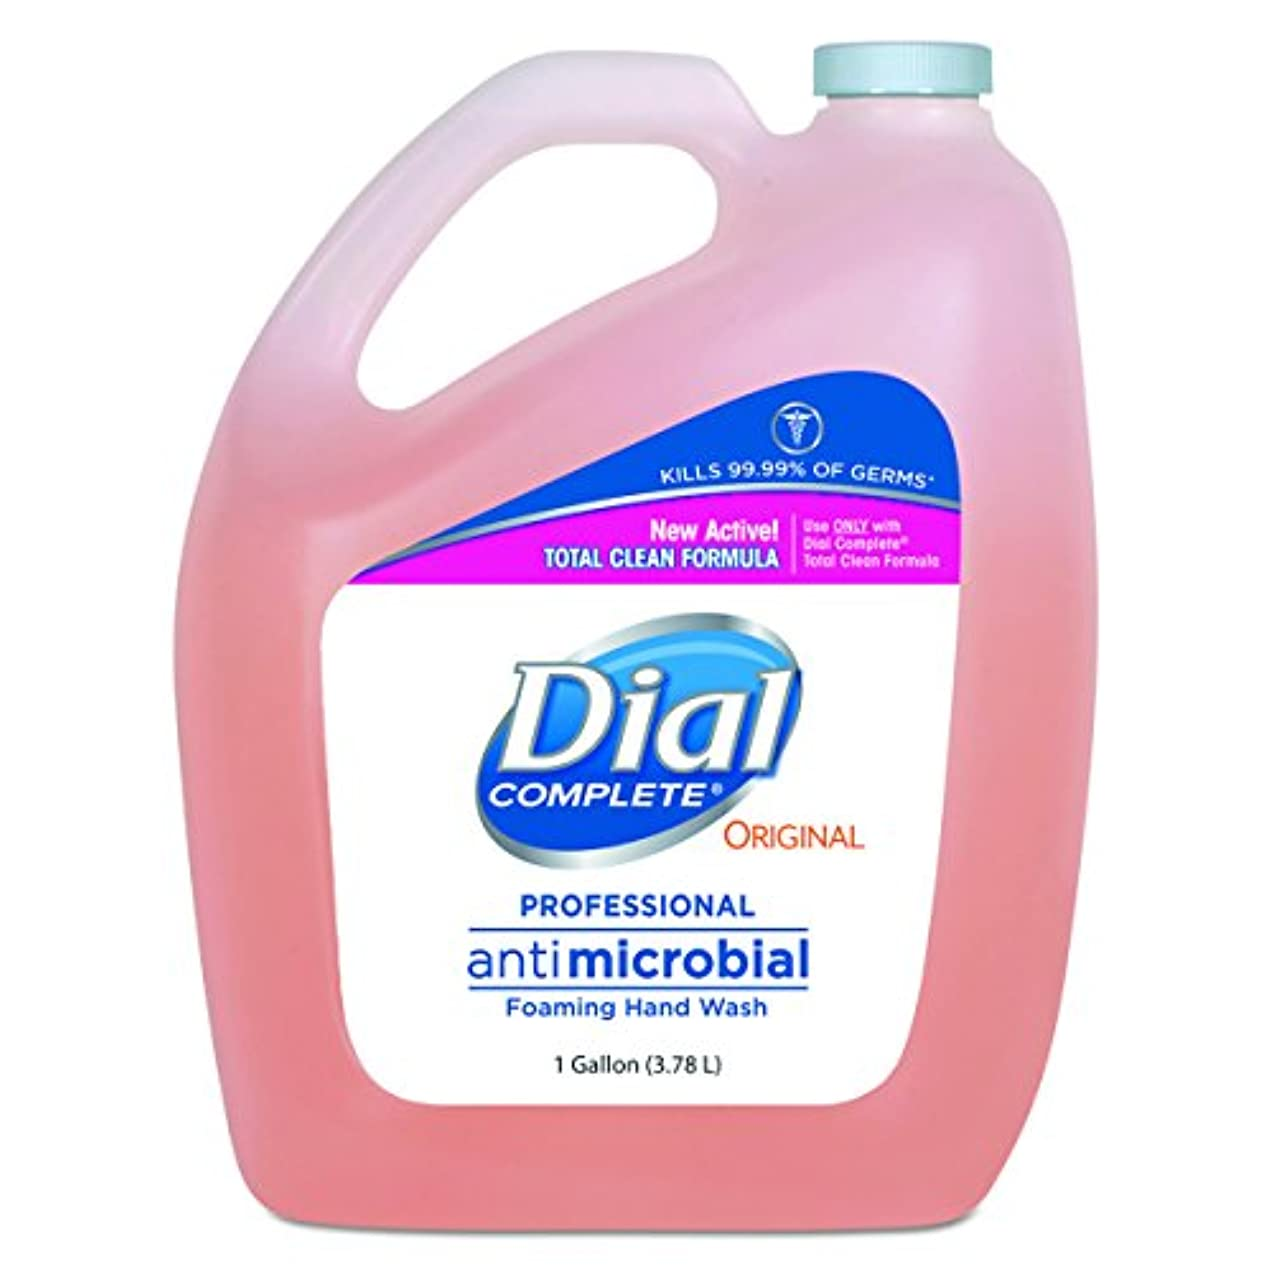 品種知覚する落ちたダイヤルProfessional抗菌Foaming Hand Soap、元香り, 1 gal。、4 /カートン